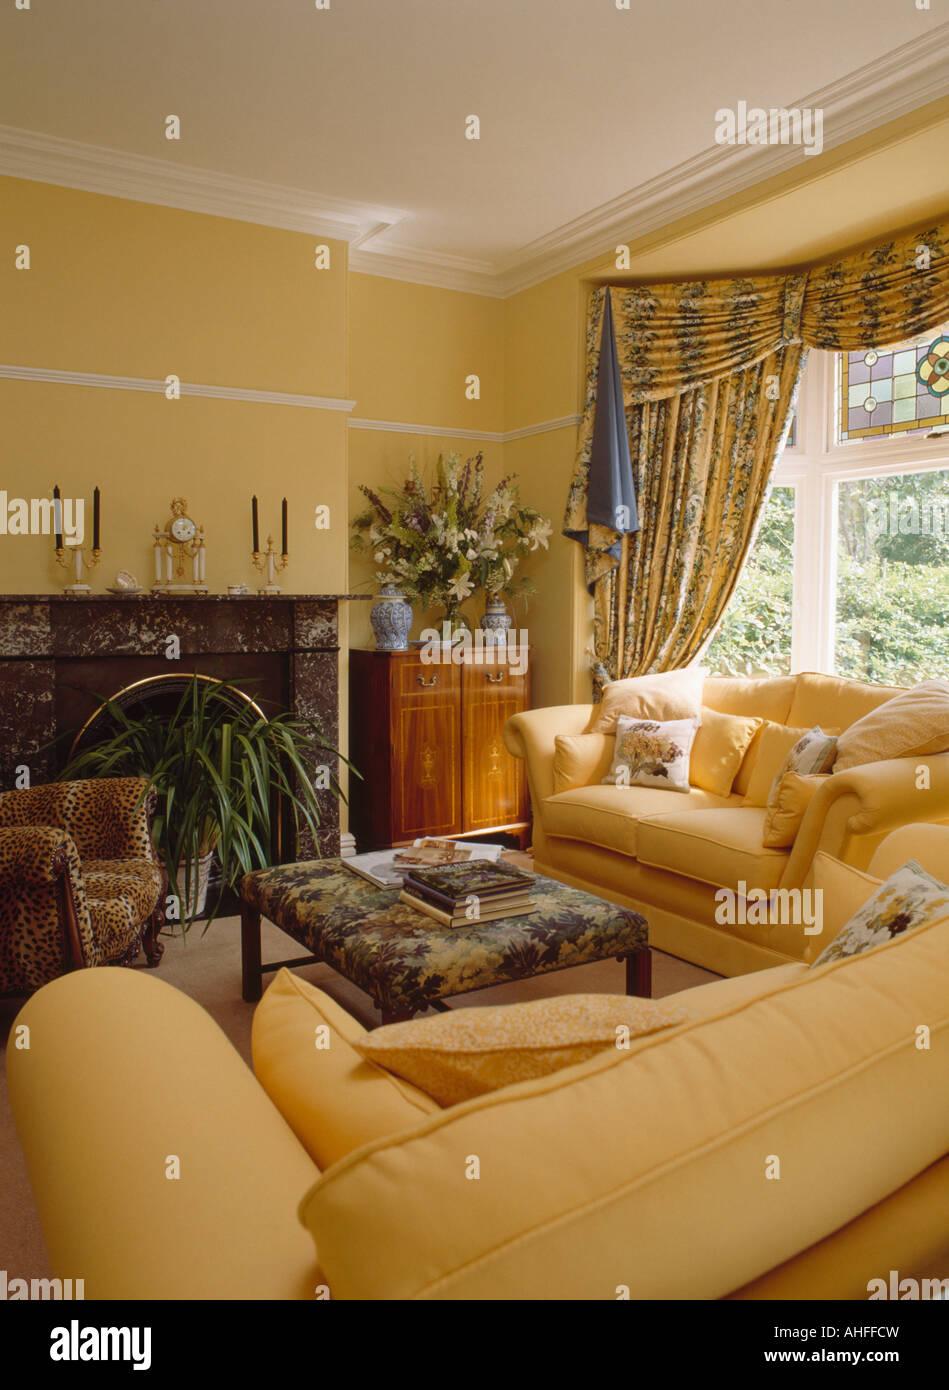 blaue und gelbe swagged vorh nge in pastell gelb wohnzimmer mit blass gelben sofas stockfoto. Black Bedroom Furniture Sets. Home Design Ideas